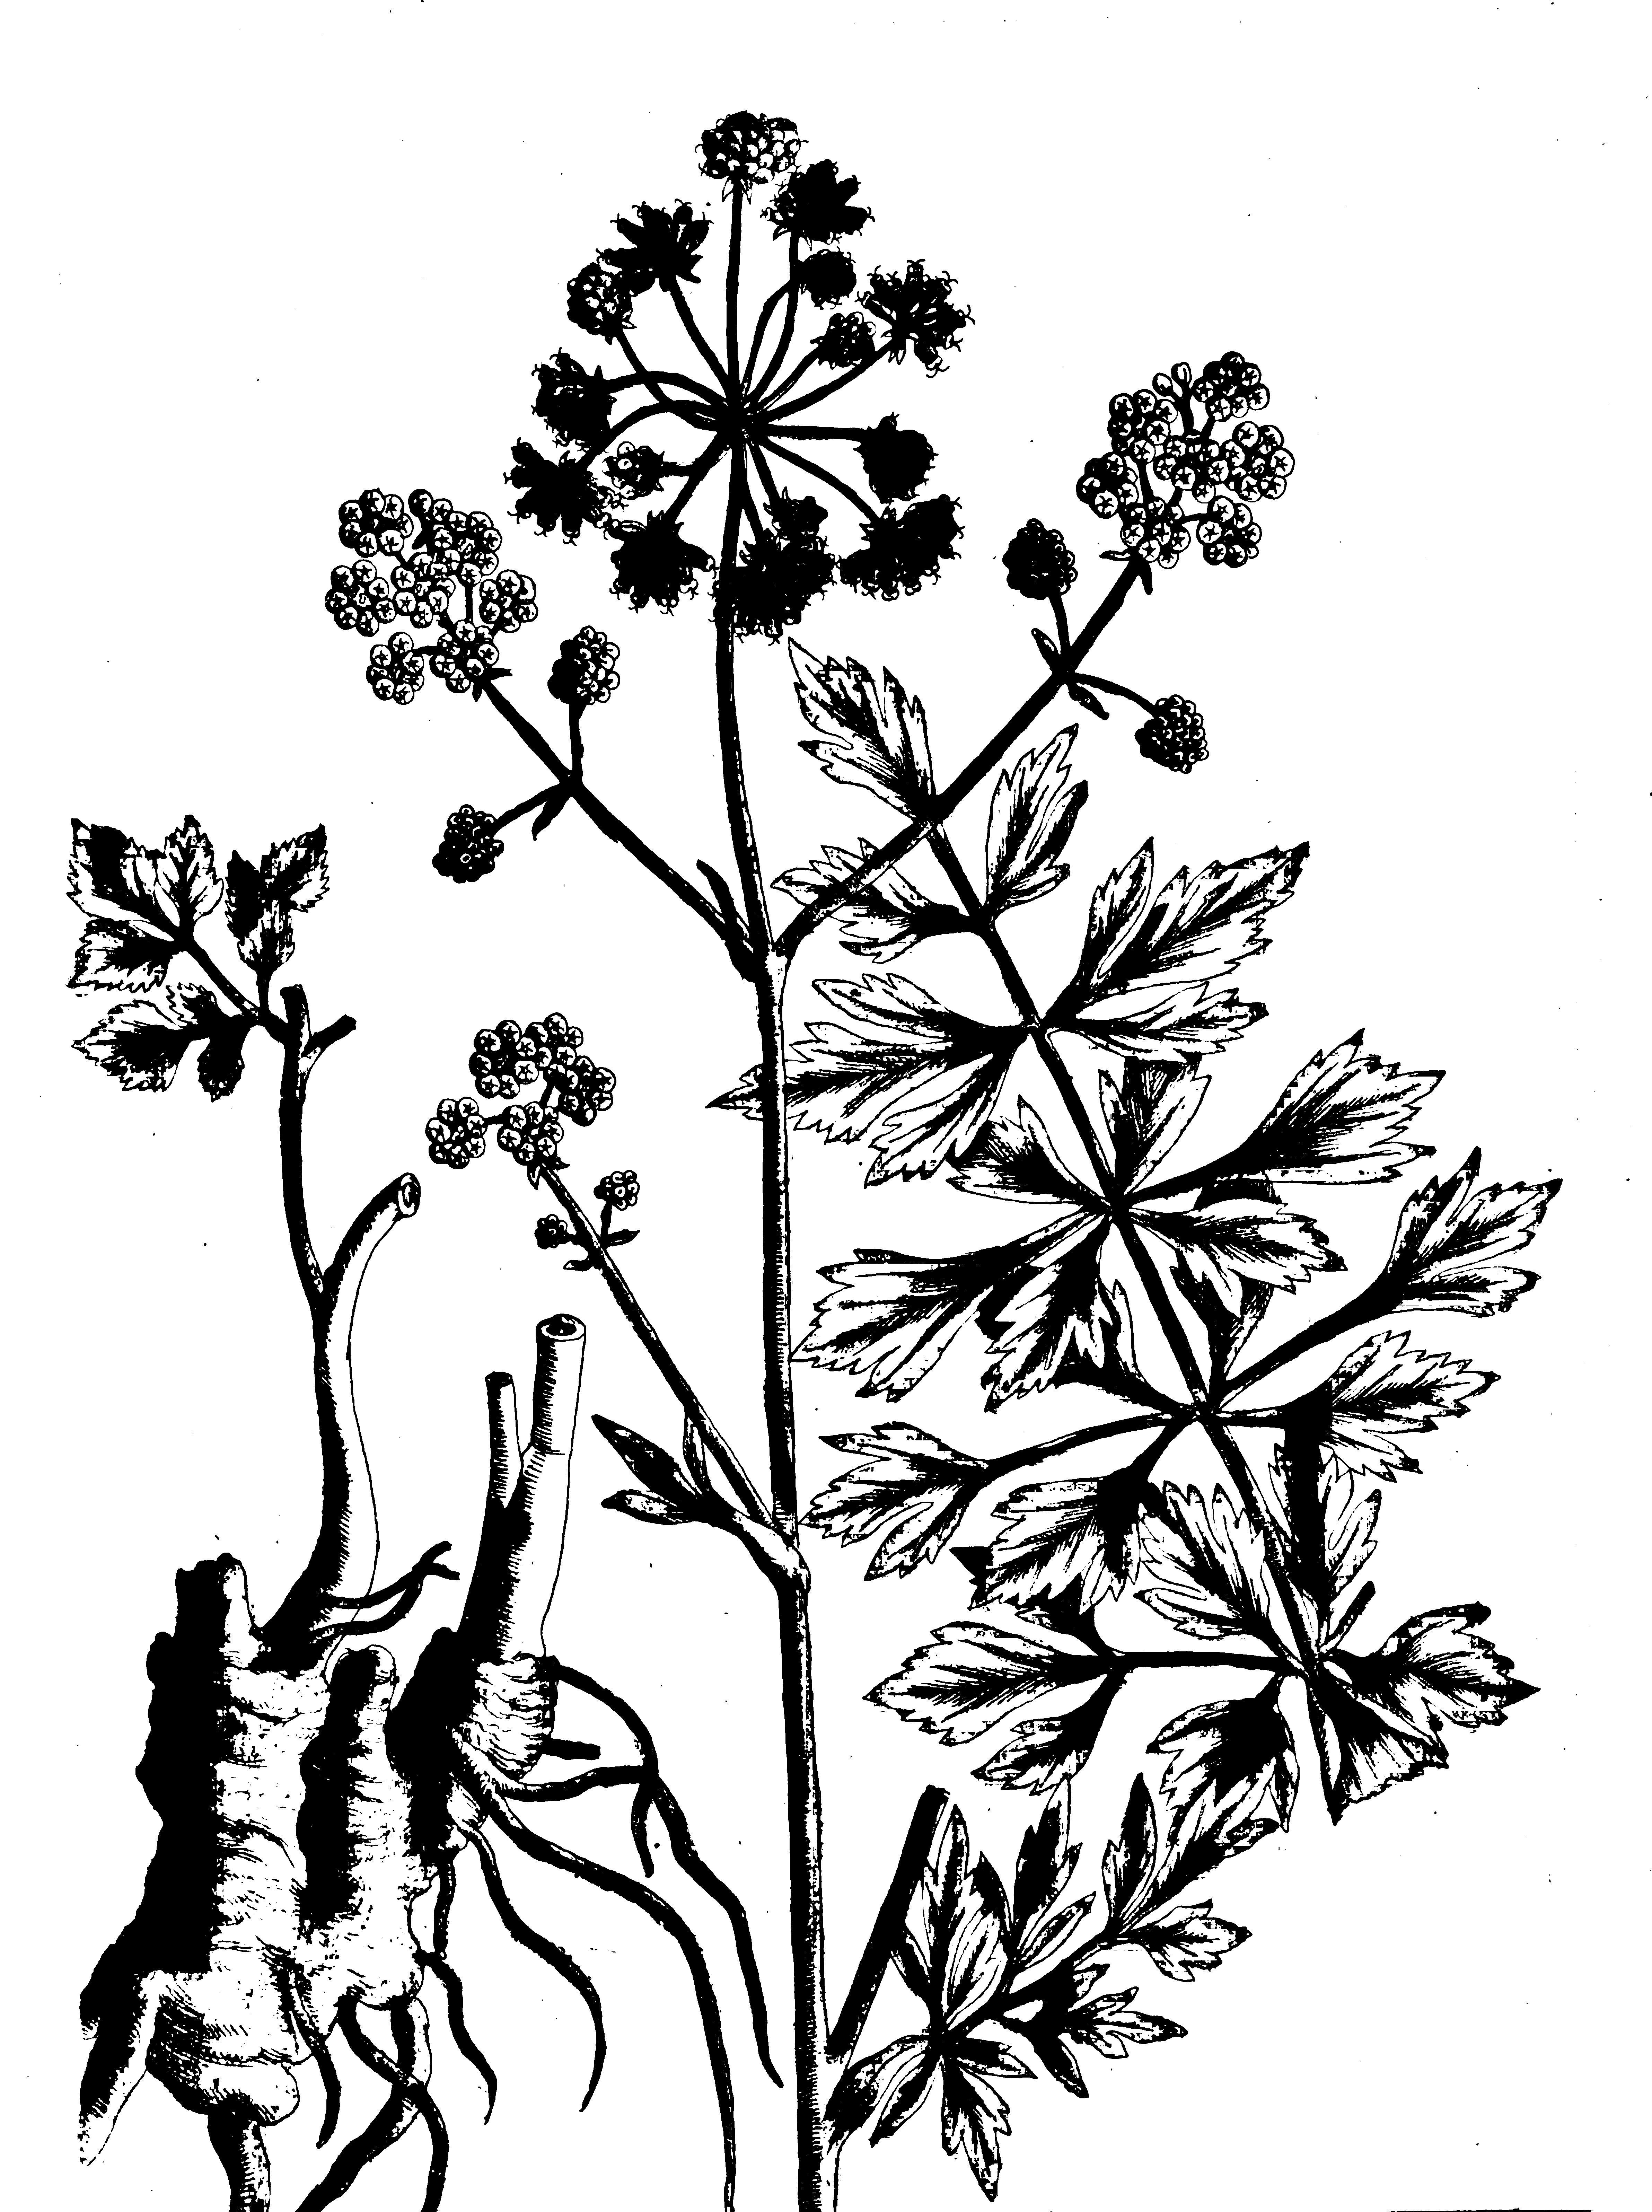 Liveche Ou Levisticum En Latin Appele Aussi Celeri Des Montagnes Ou Herbe A Maggi Est Une Plante Vivace Appartenant A La Fam Plante Vivace Botanique Vivaces